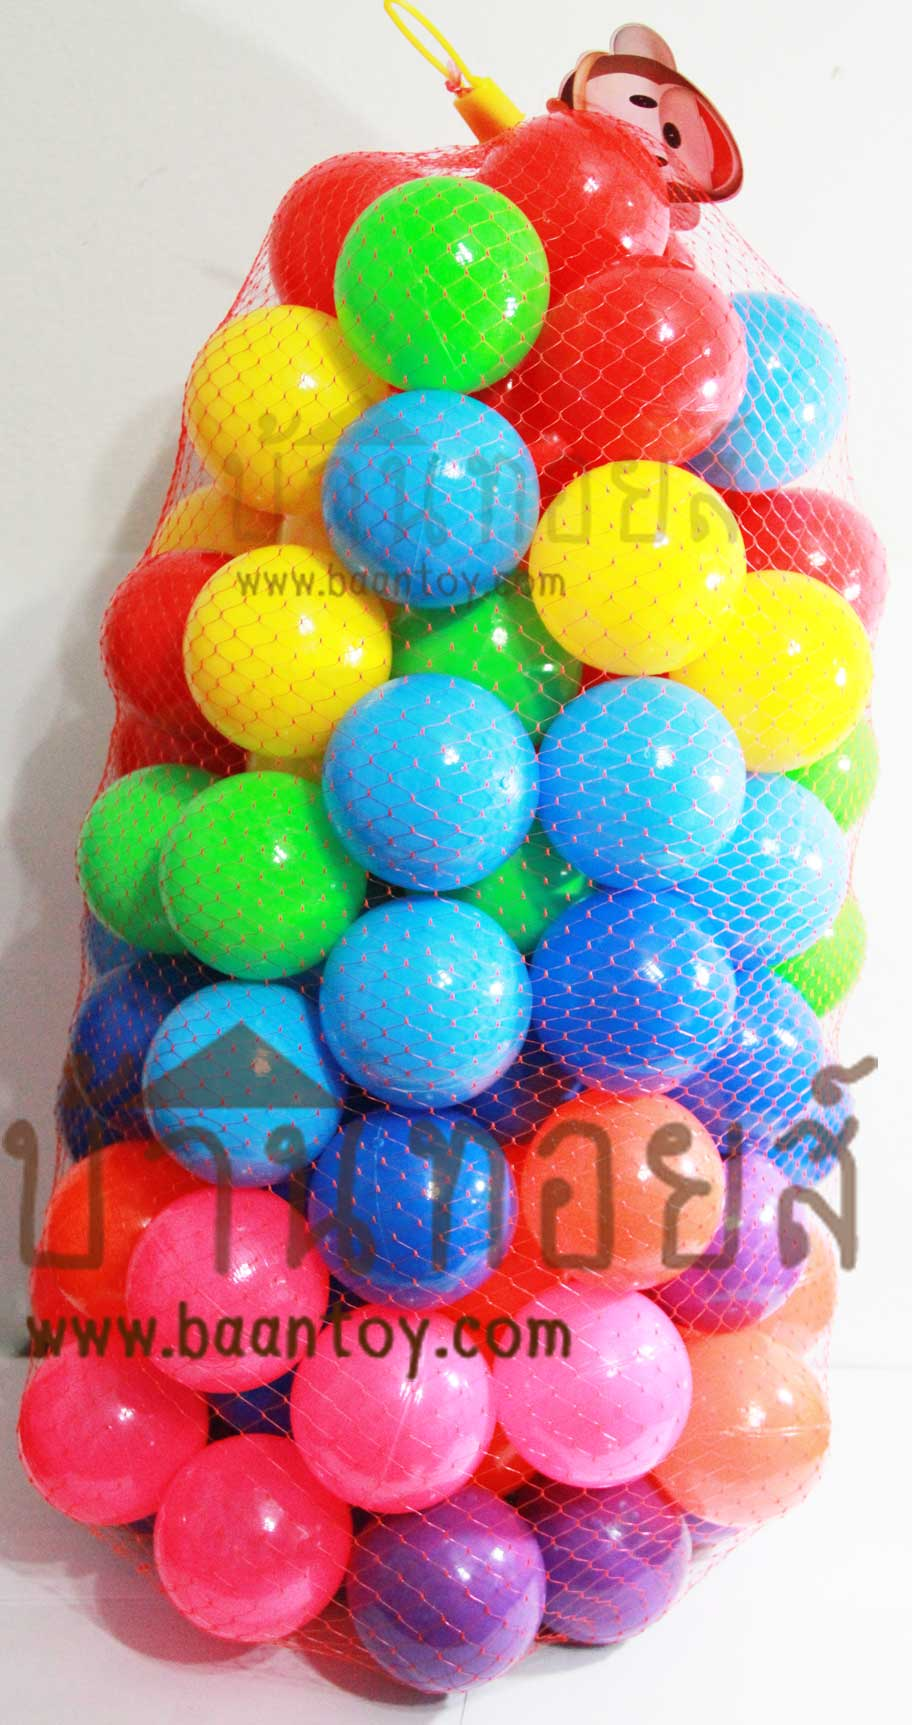 ลูกบอลสี 100 ลูก (ใส่บ้านบอล)